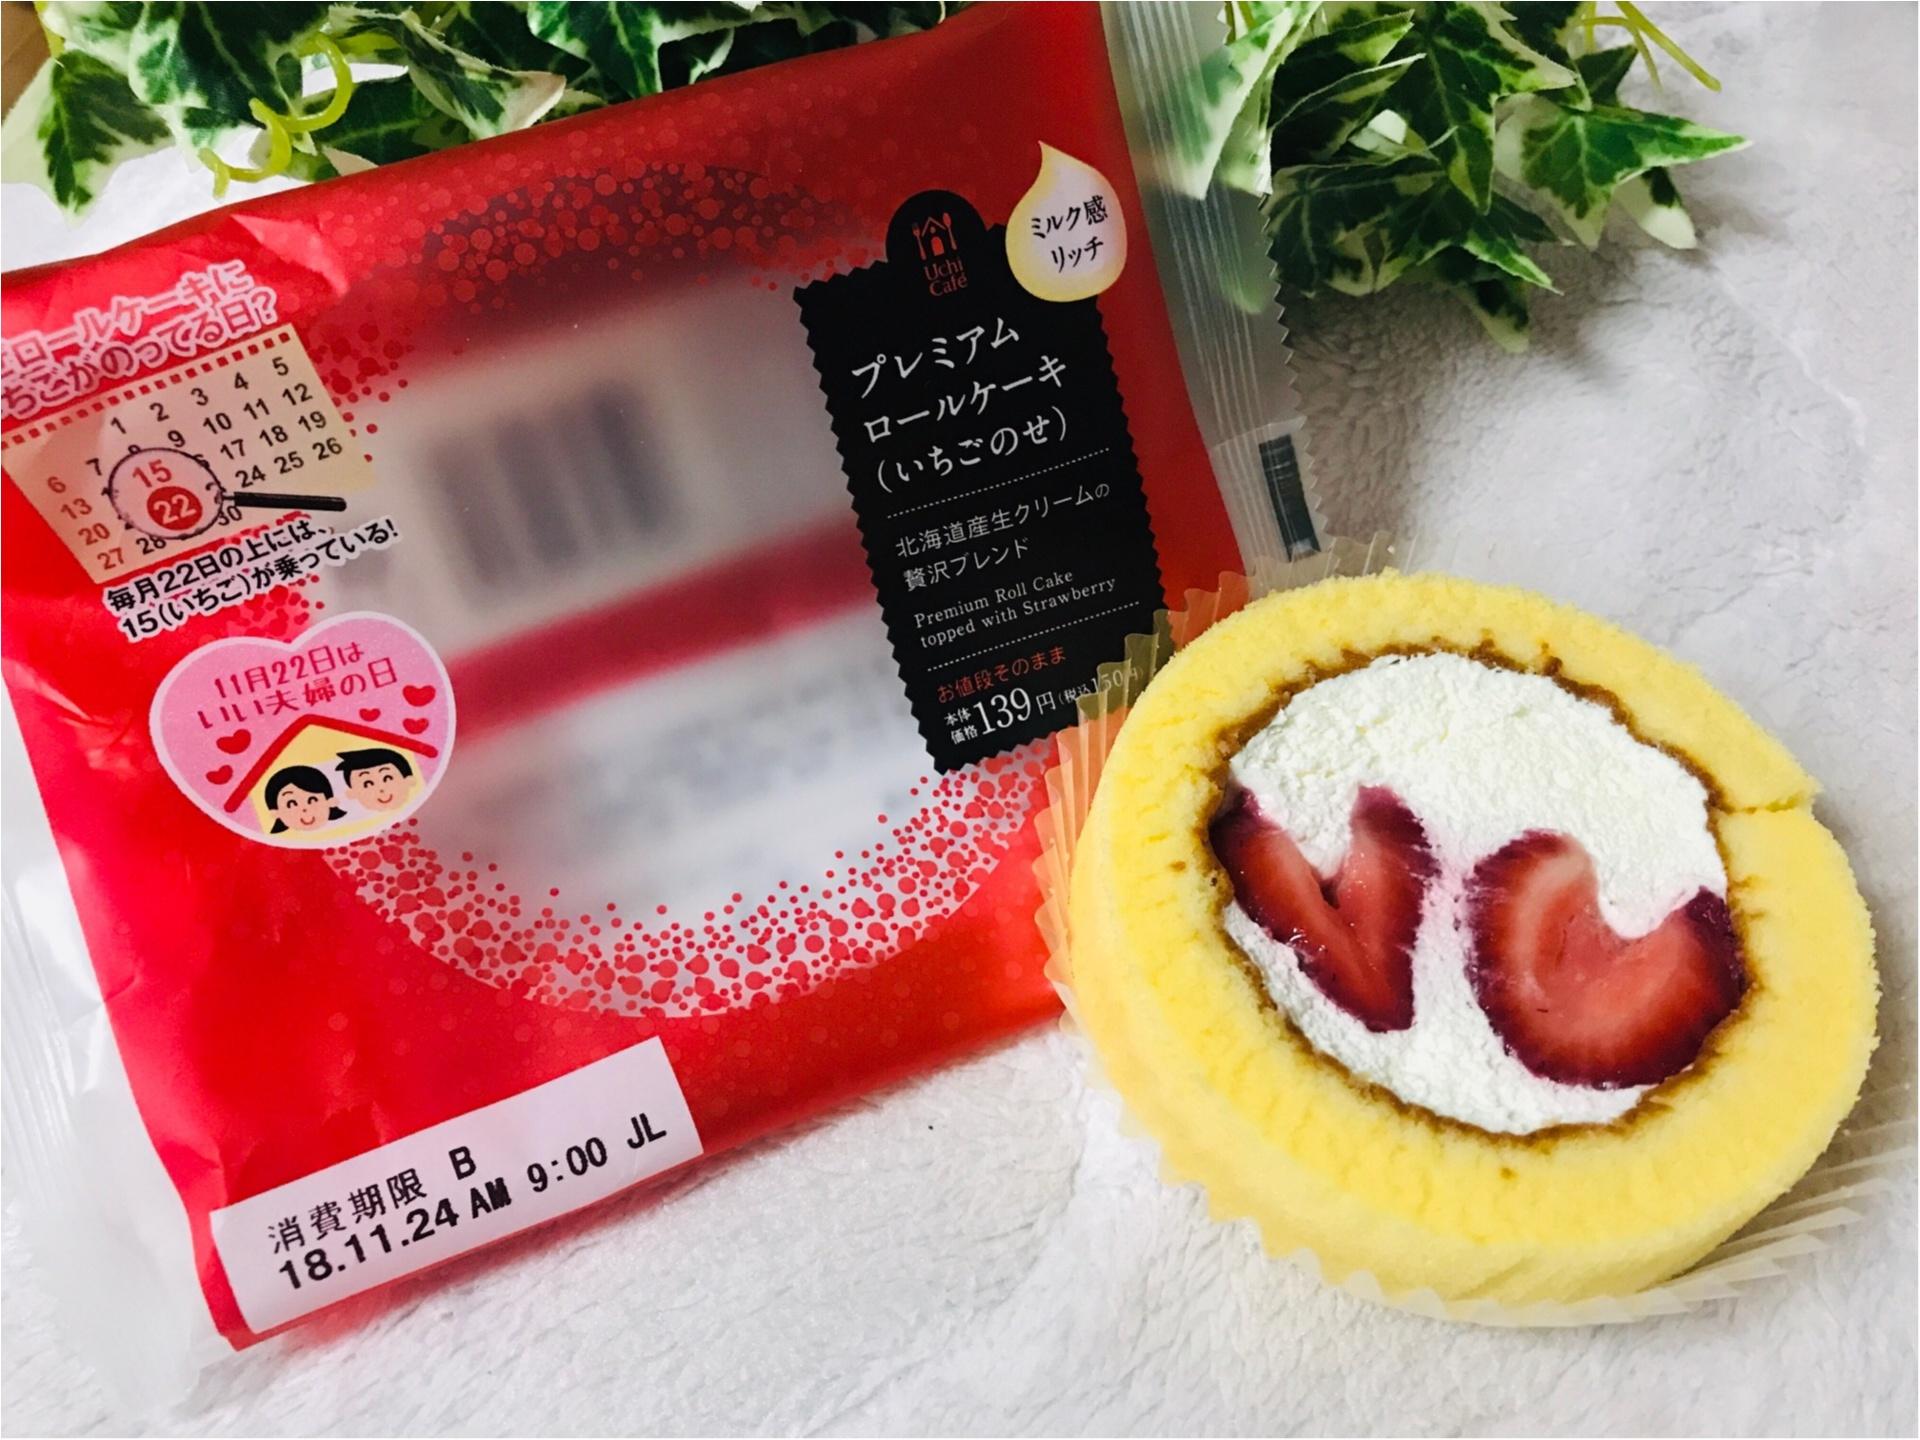 【いい夫婦の日❤︎】幸せ倍増!《プレミアムロールケーキ》ハートのイチゴが2つに♡_2